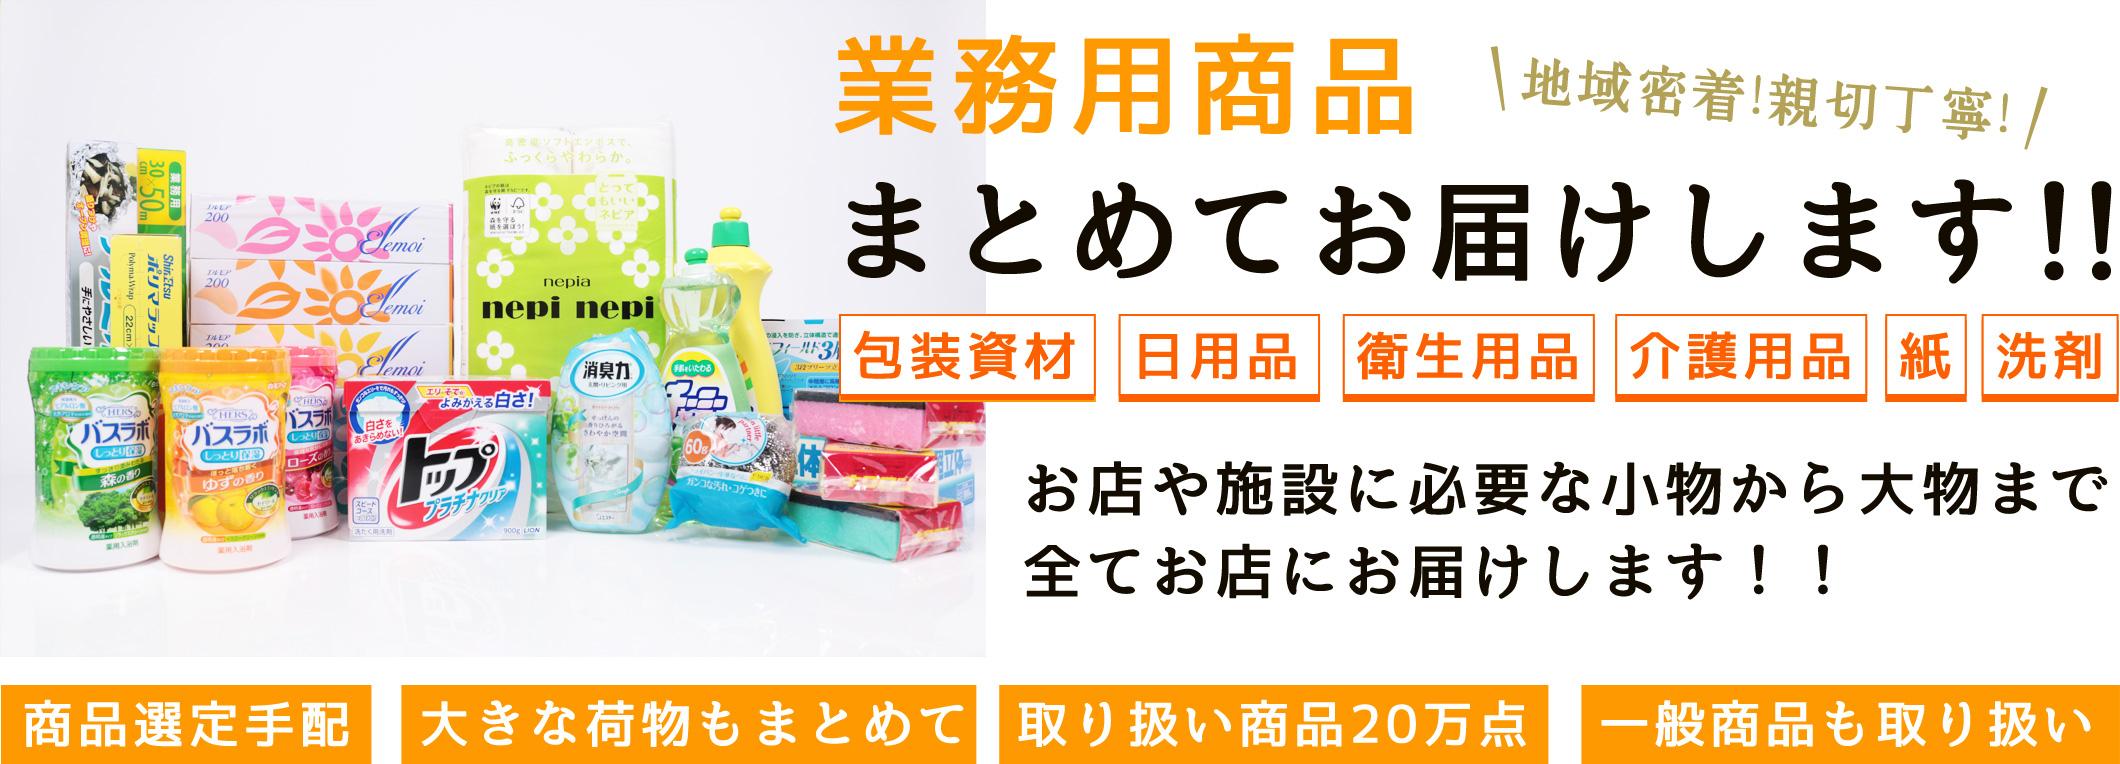 業務用商品まとめてお届けします!! 包装資材・日用品・衛生用品・介護用品・紙・洗剤